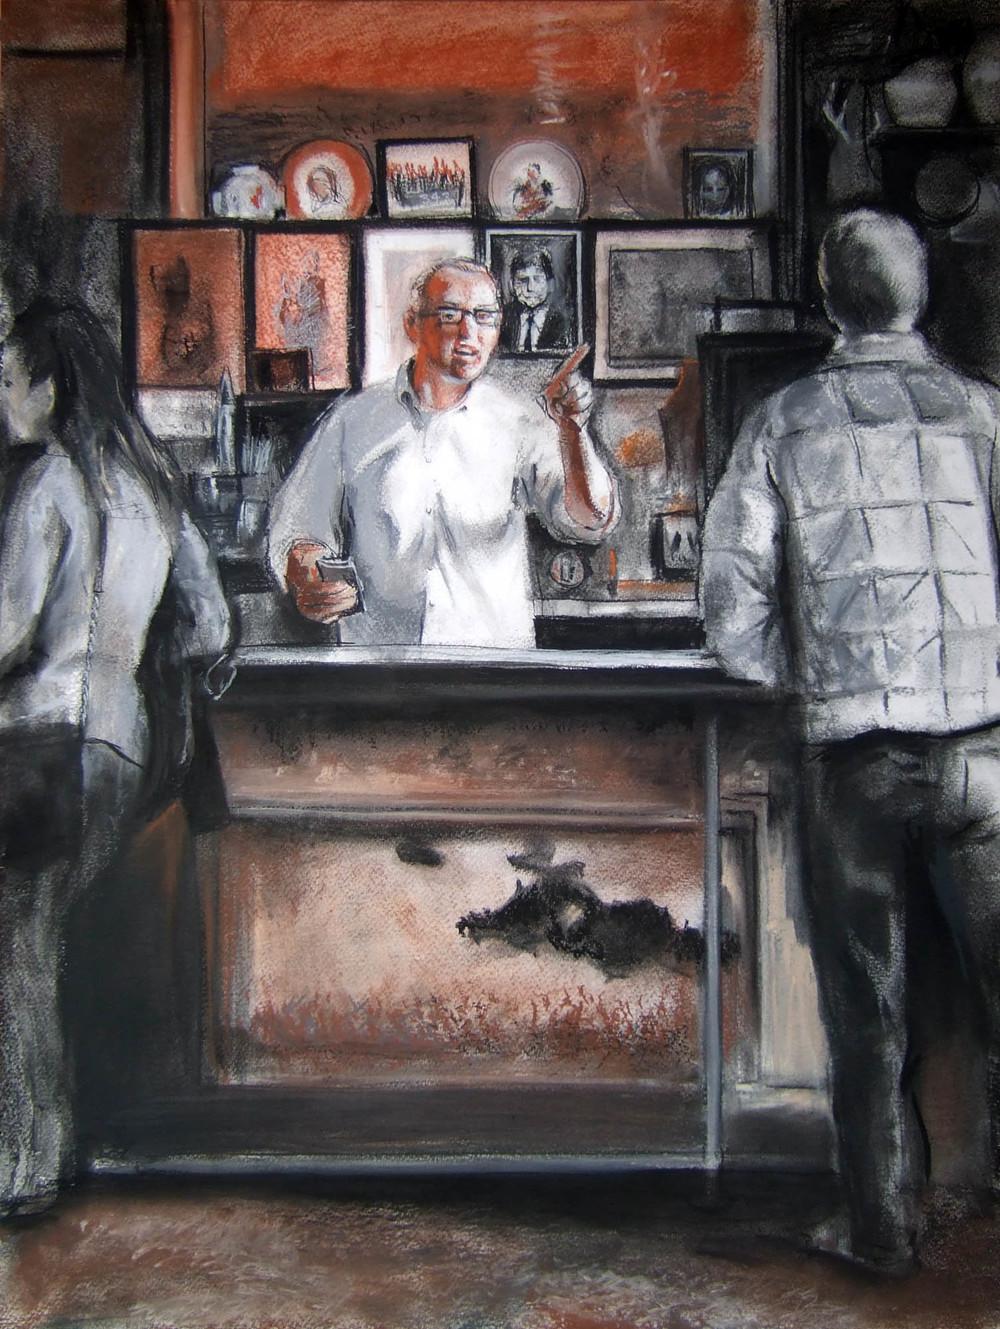 Bartender at McSorley's